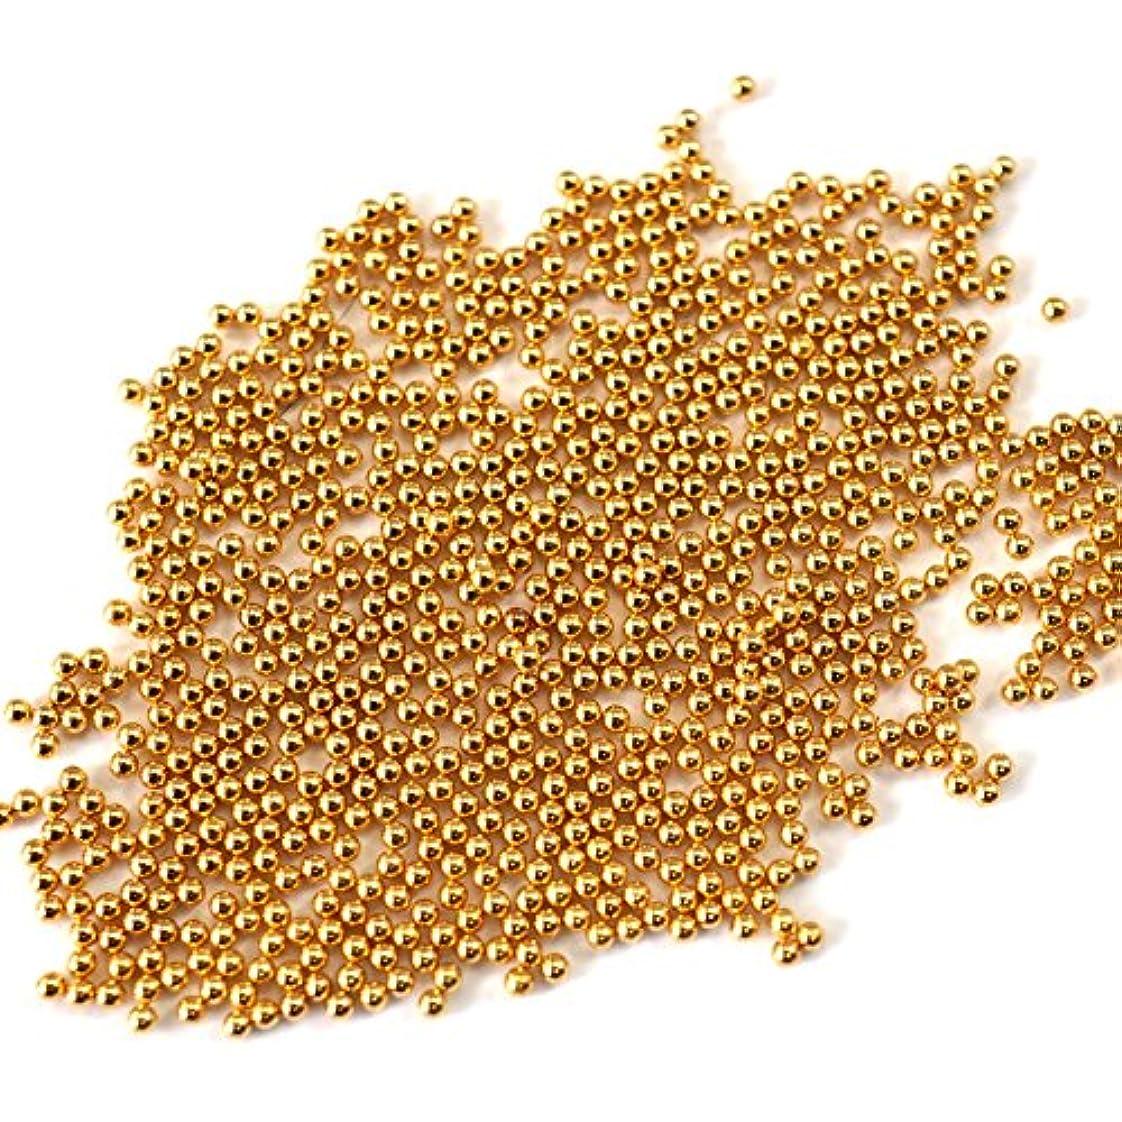 させる先生多くの危険がある状況高品質メタルブリオン 1mm 4g(約1000個)ゴールド